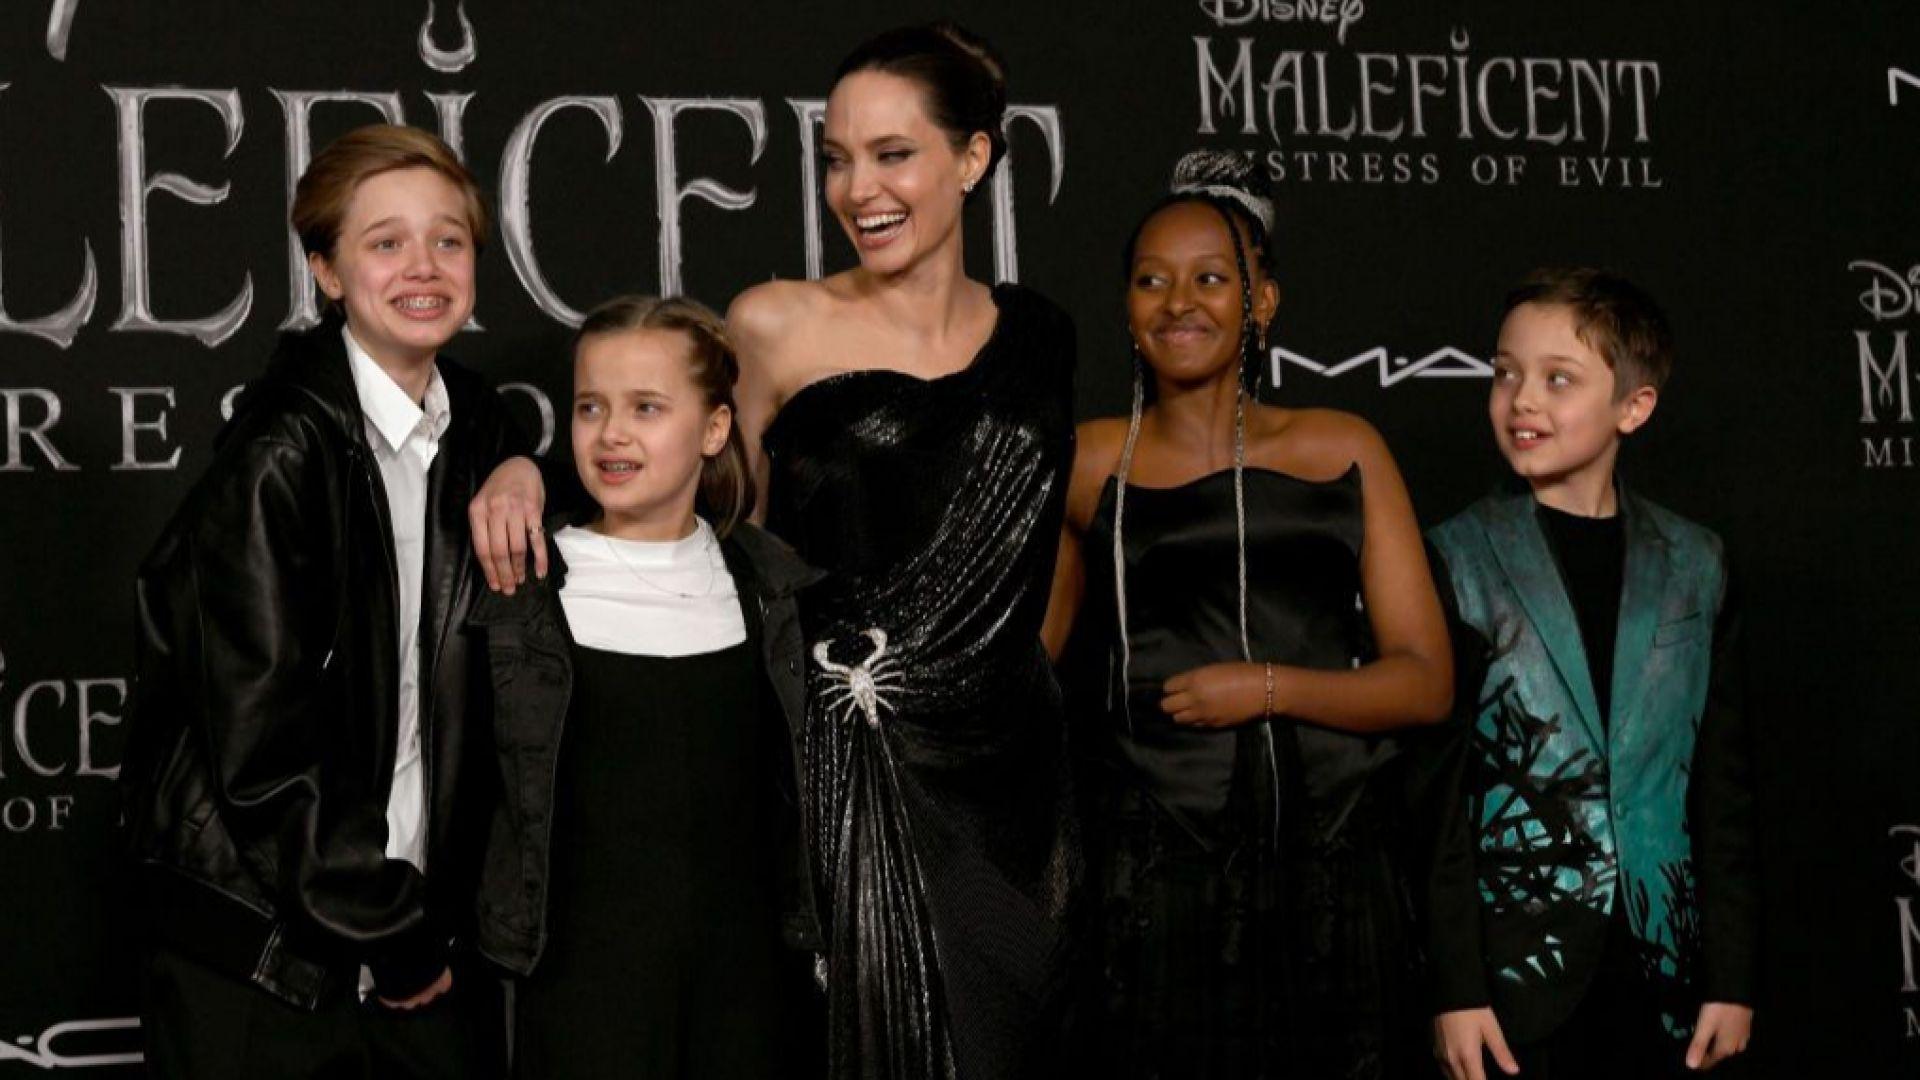 Анджелина с децата си - Шайло, Вивиан, Пакс, Захара и Нокс